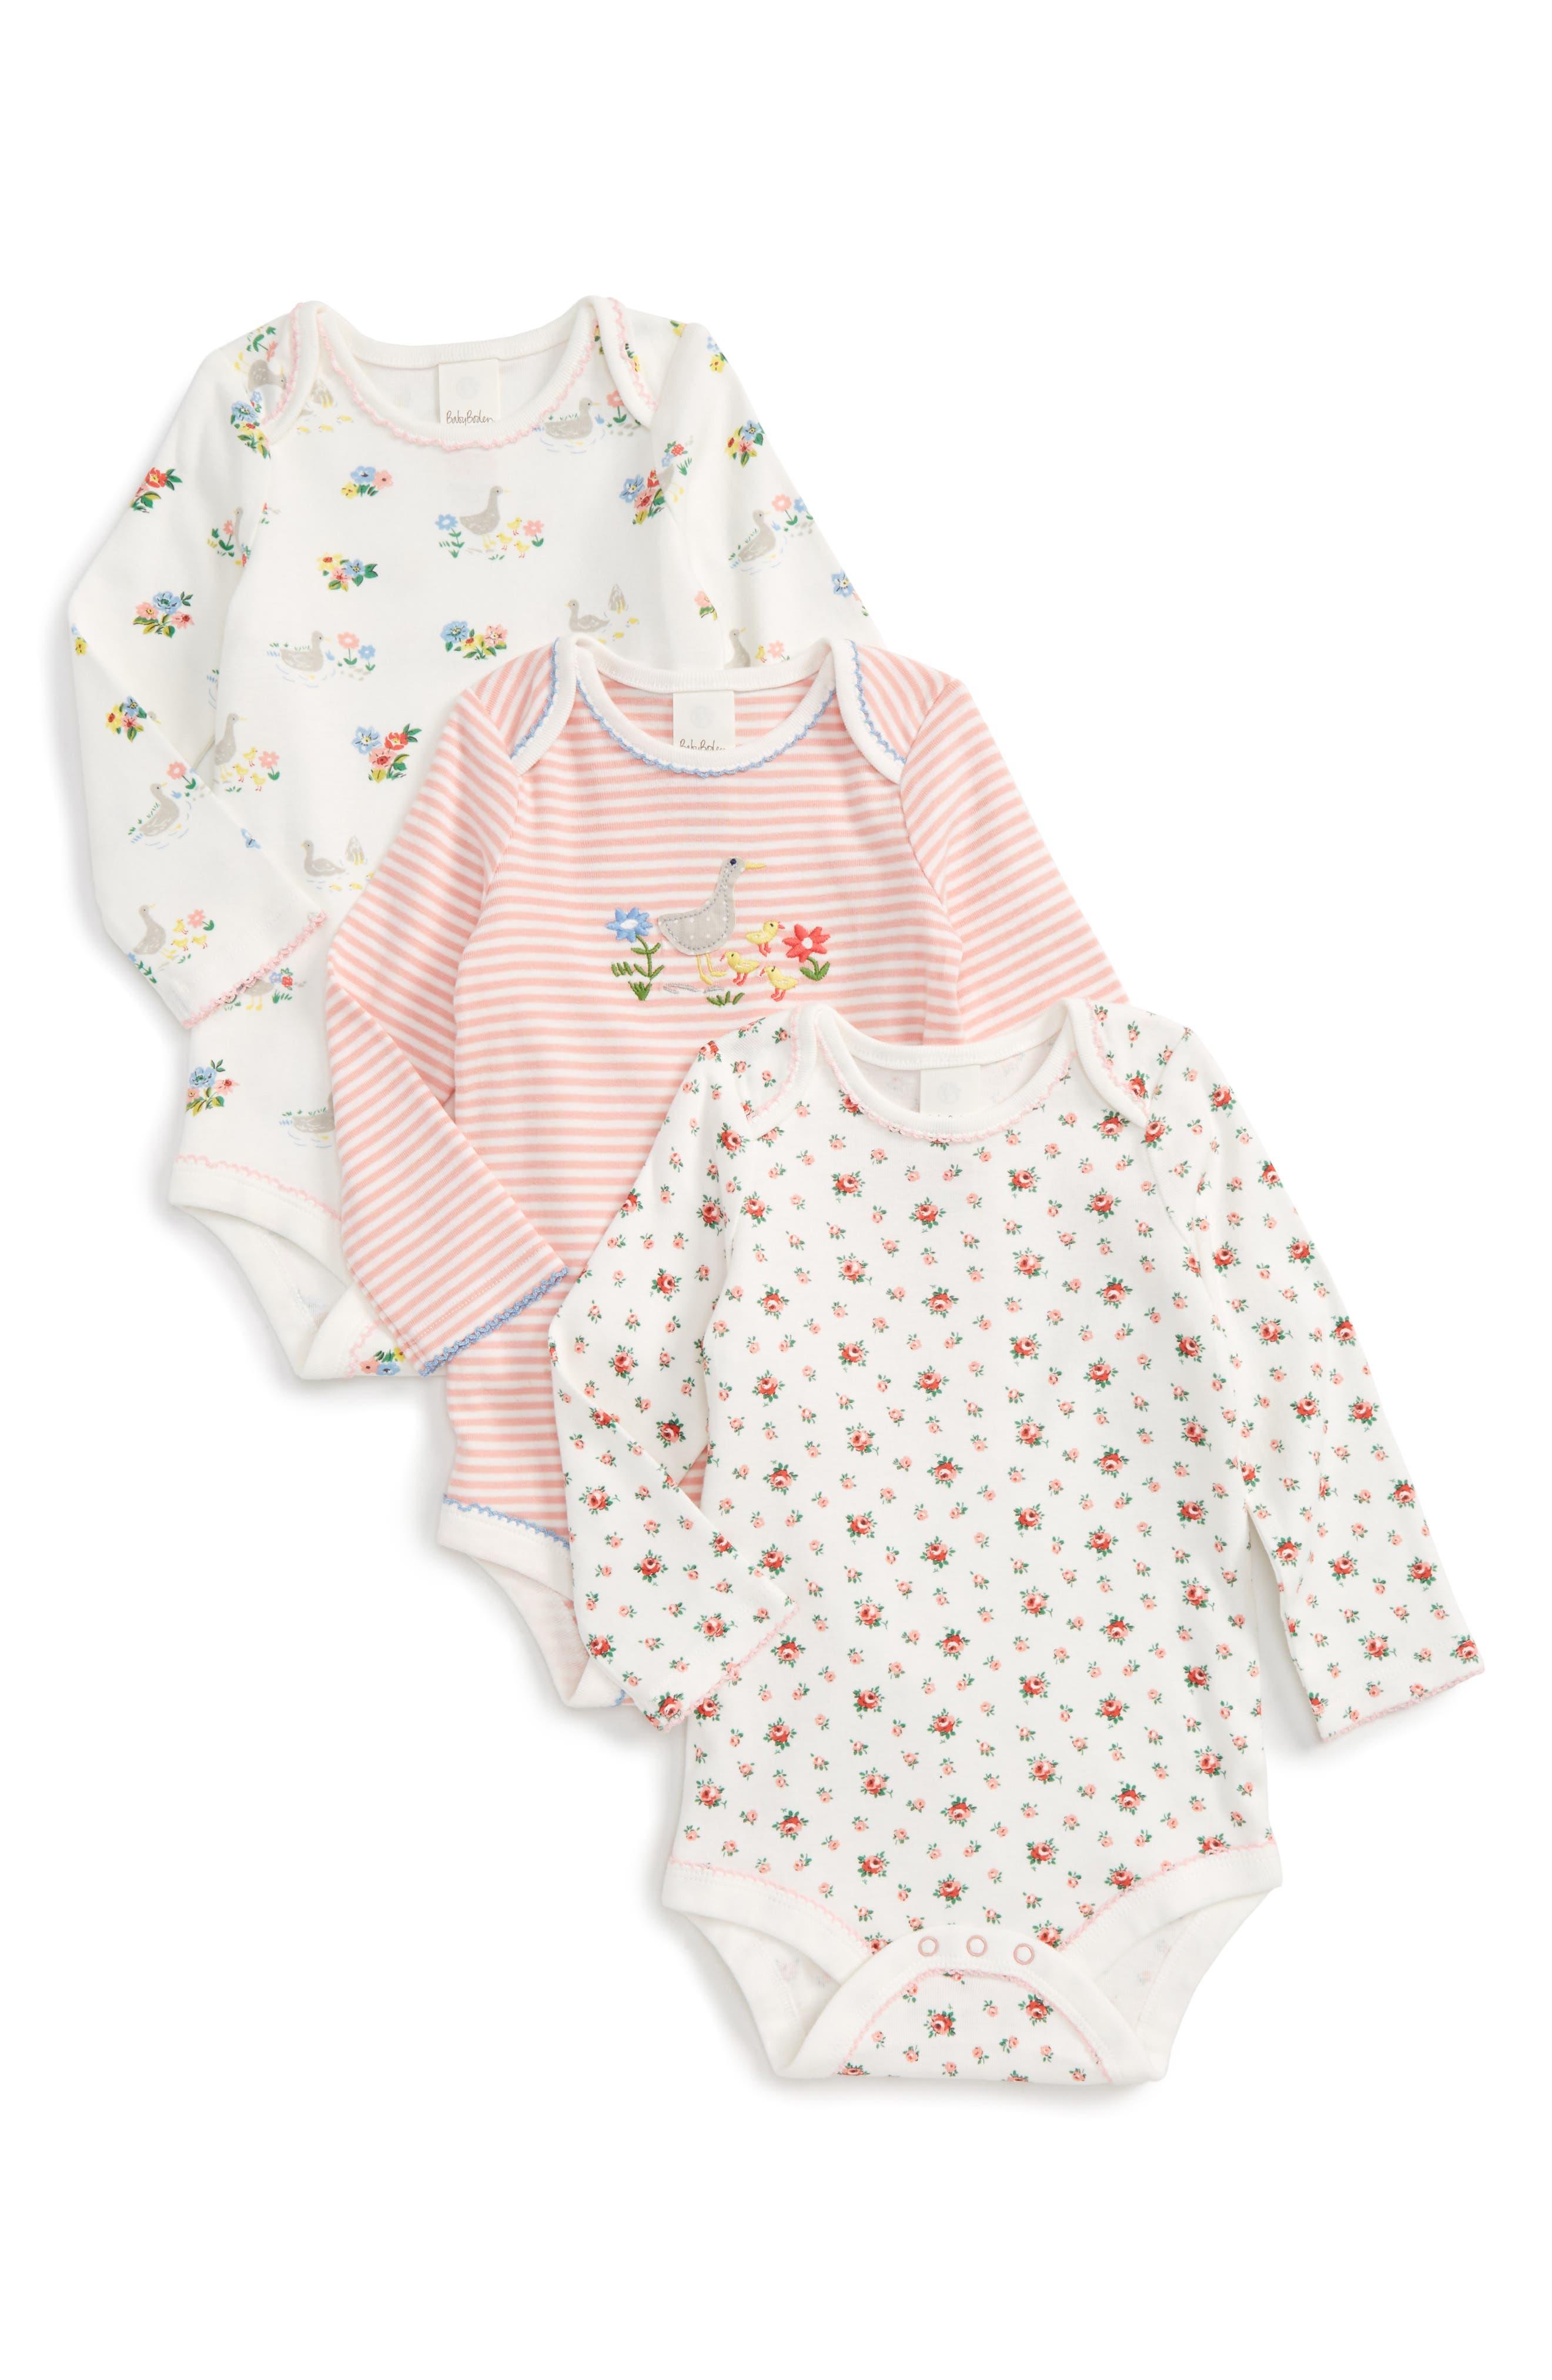 Main Image - Mini Boden Riverside Ducks 3-Pack Bodysuits (Baby Girls)